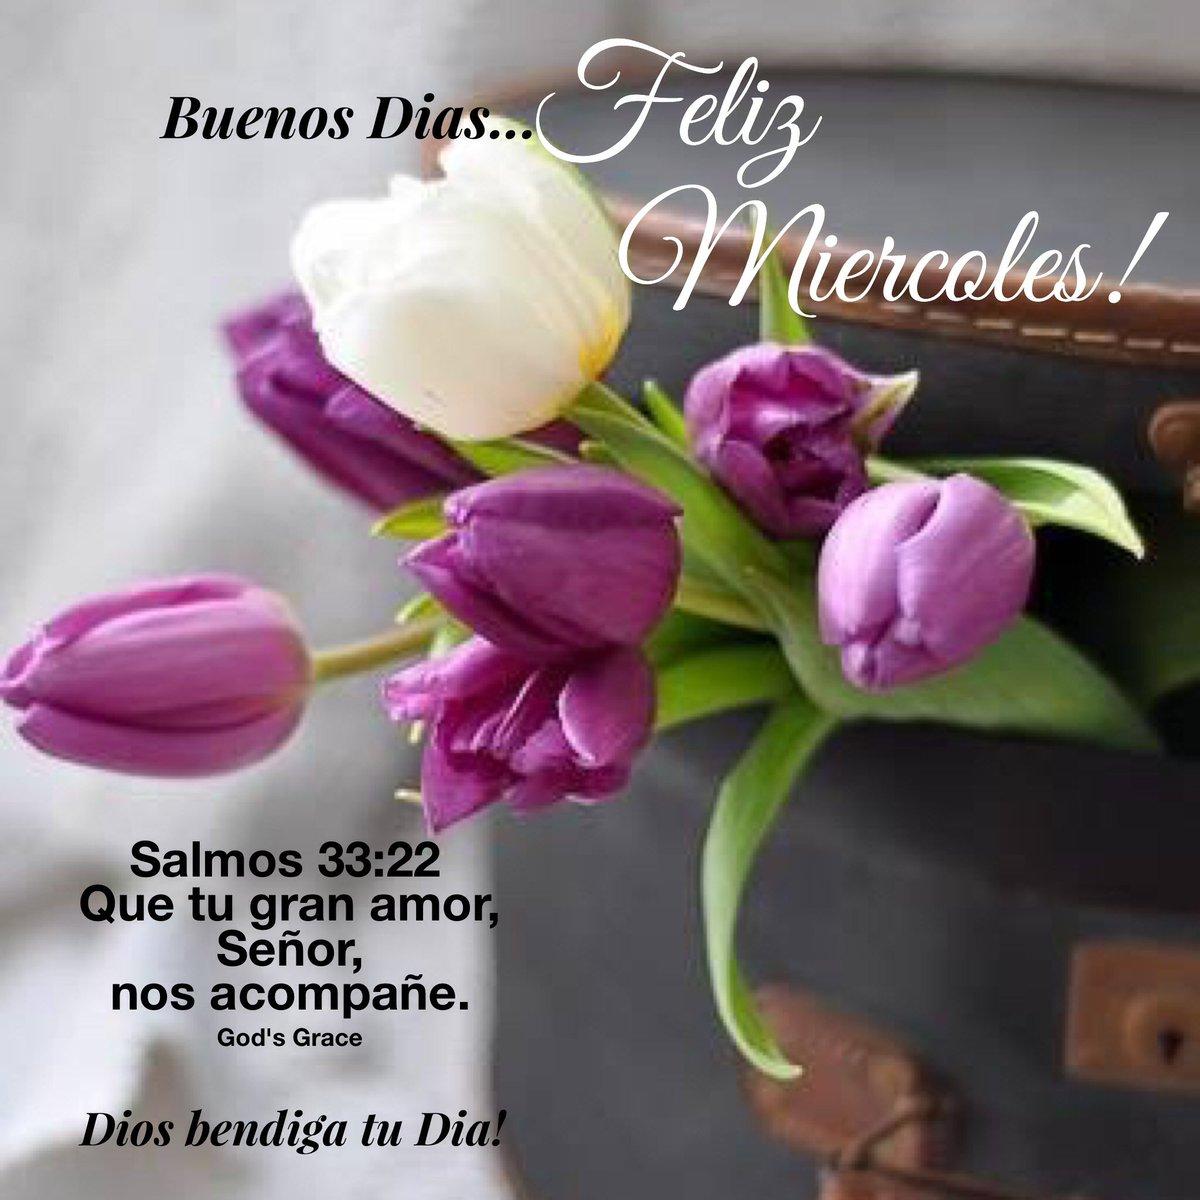 Loren Castillo On Twitter Feliz Miercolesque El Amor De Dios Los